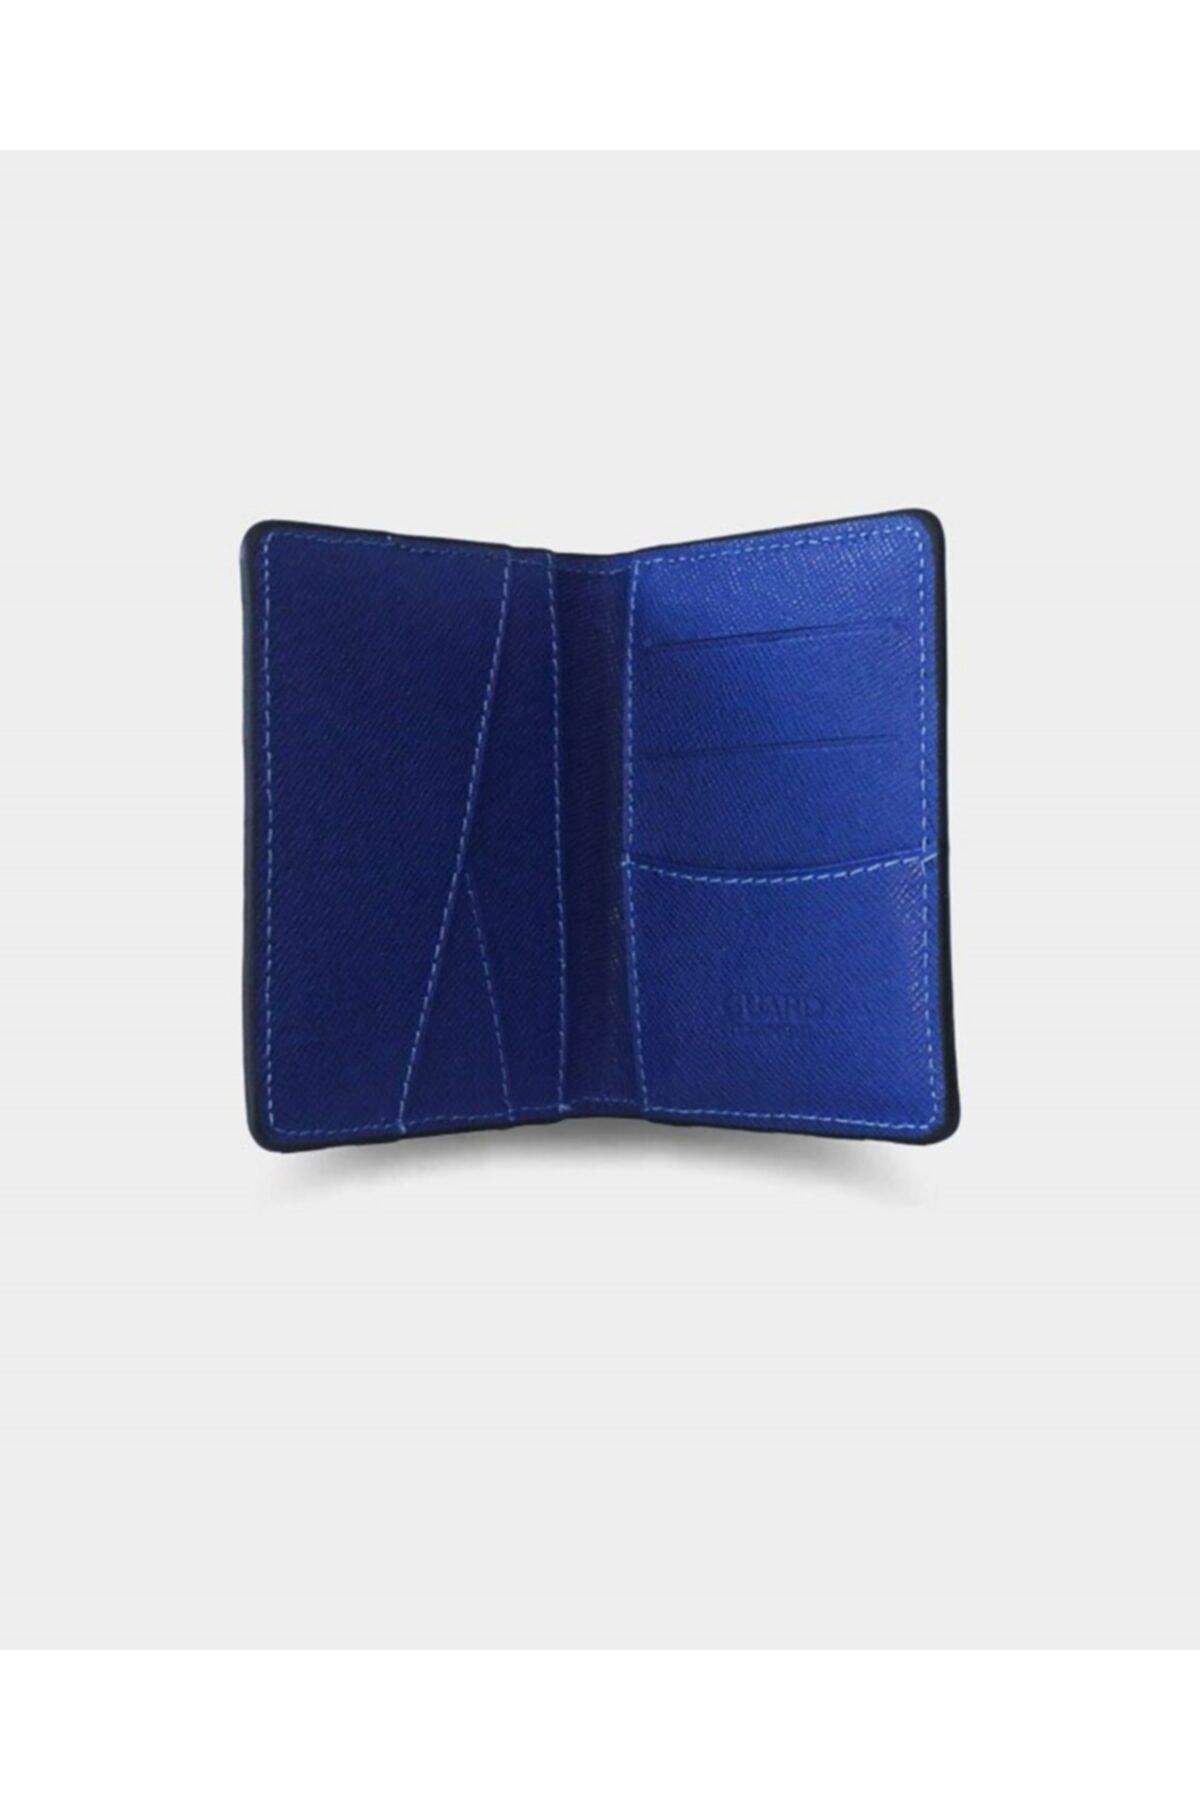 GUARD Mavi Deri Kartlık 2